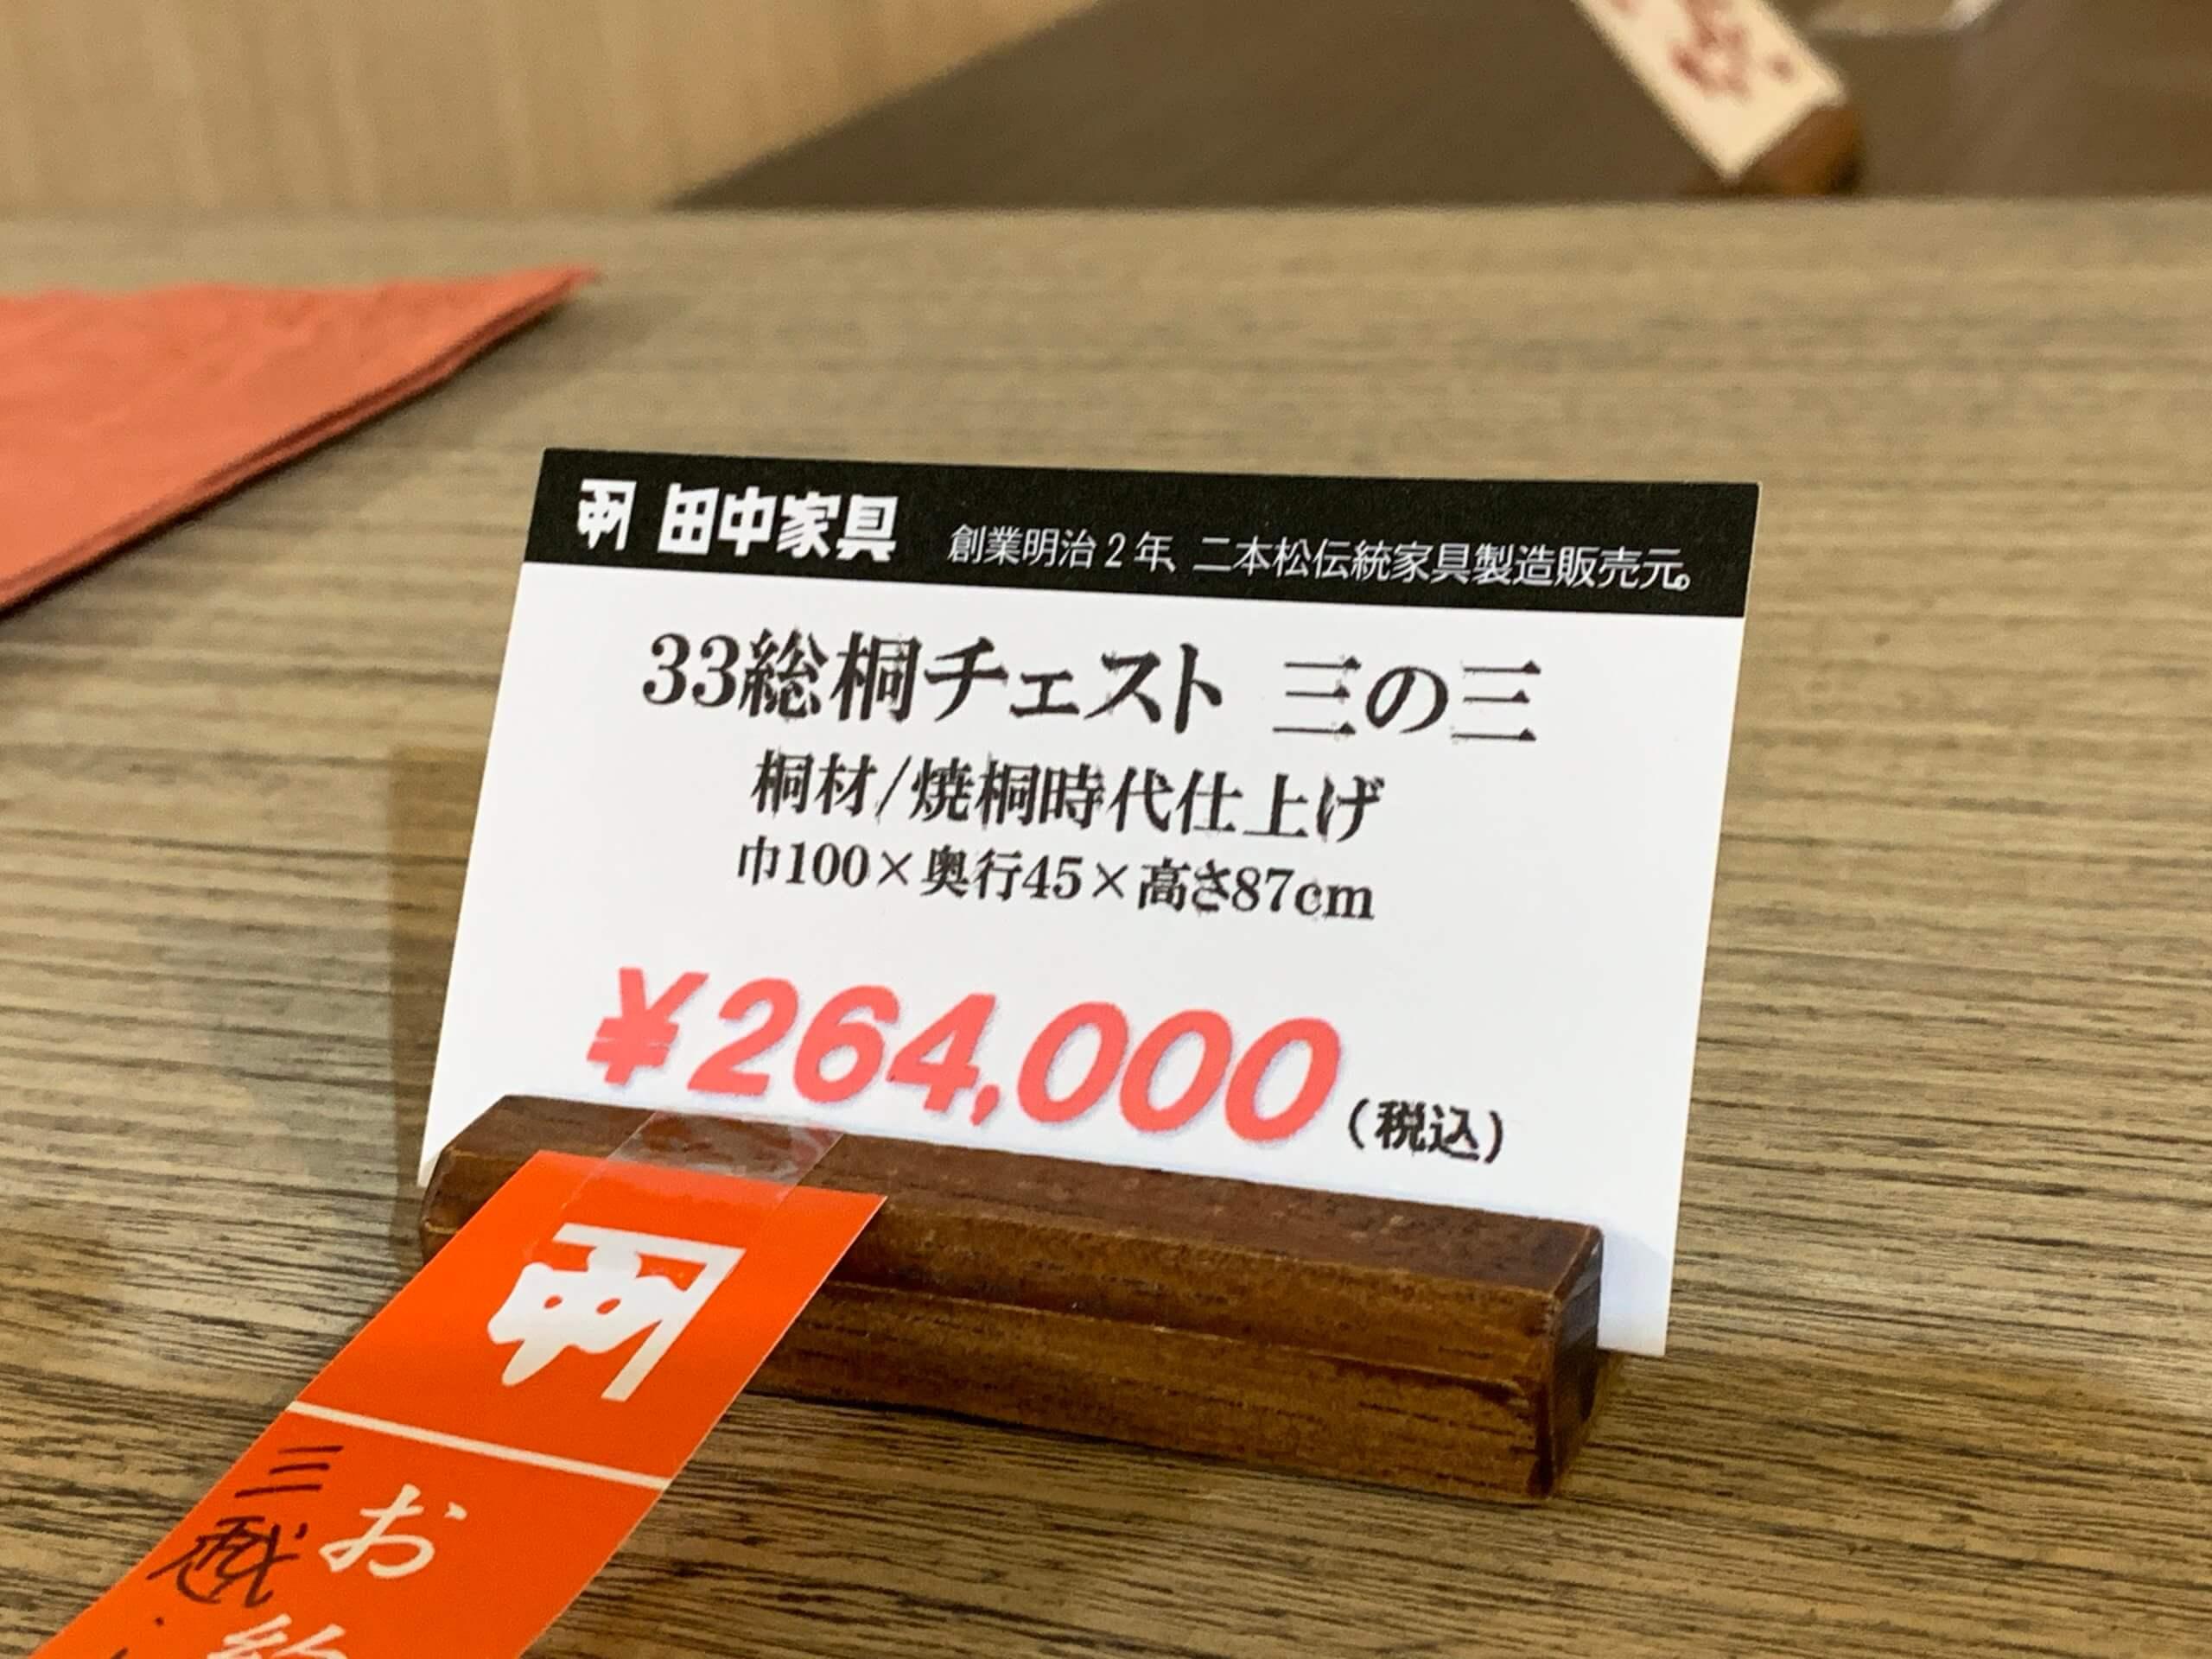 夏の特選家具フェア@二本松工藝舘